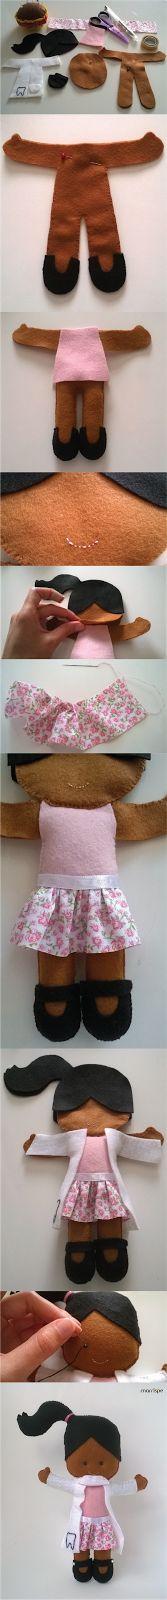 Tutorial boneca dentista em feltro #artesanato #decoração #boneca #costura #diy…